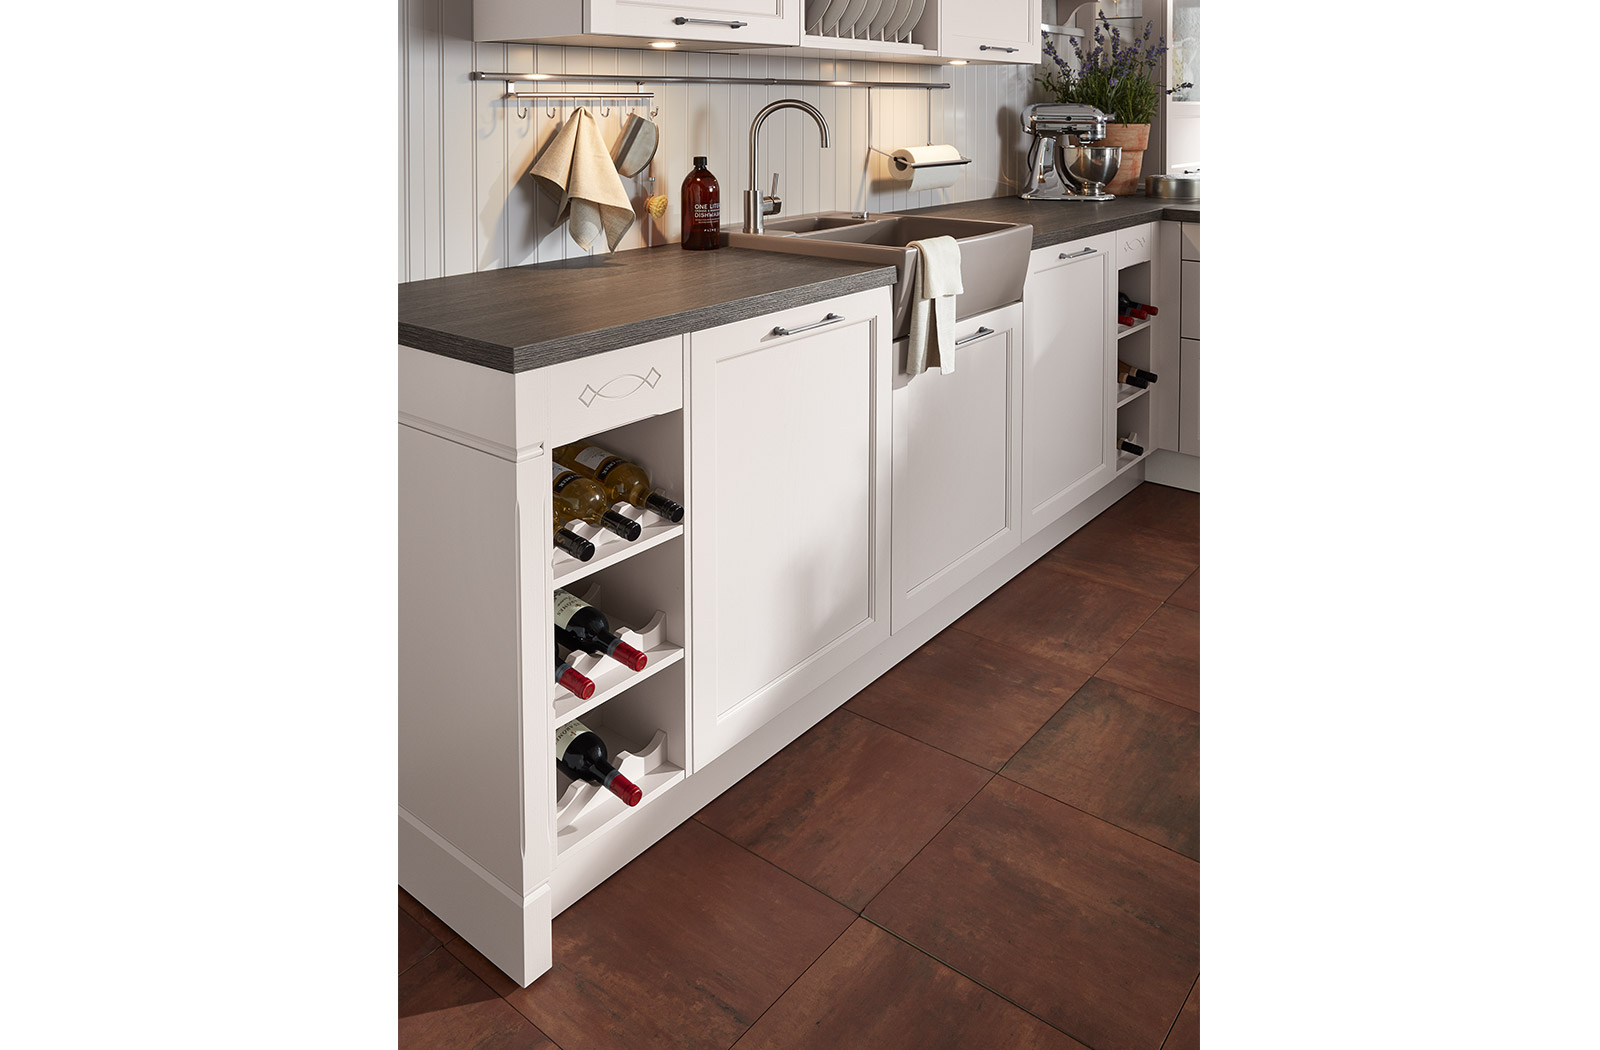 Meble kuchenne Satin - półka na wino - oferta SAS Wnętrza i Kuchnie - Meble Kuchenne i Projektowanie wnętrz.